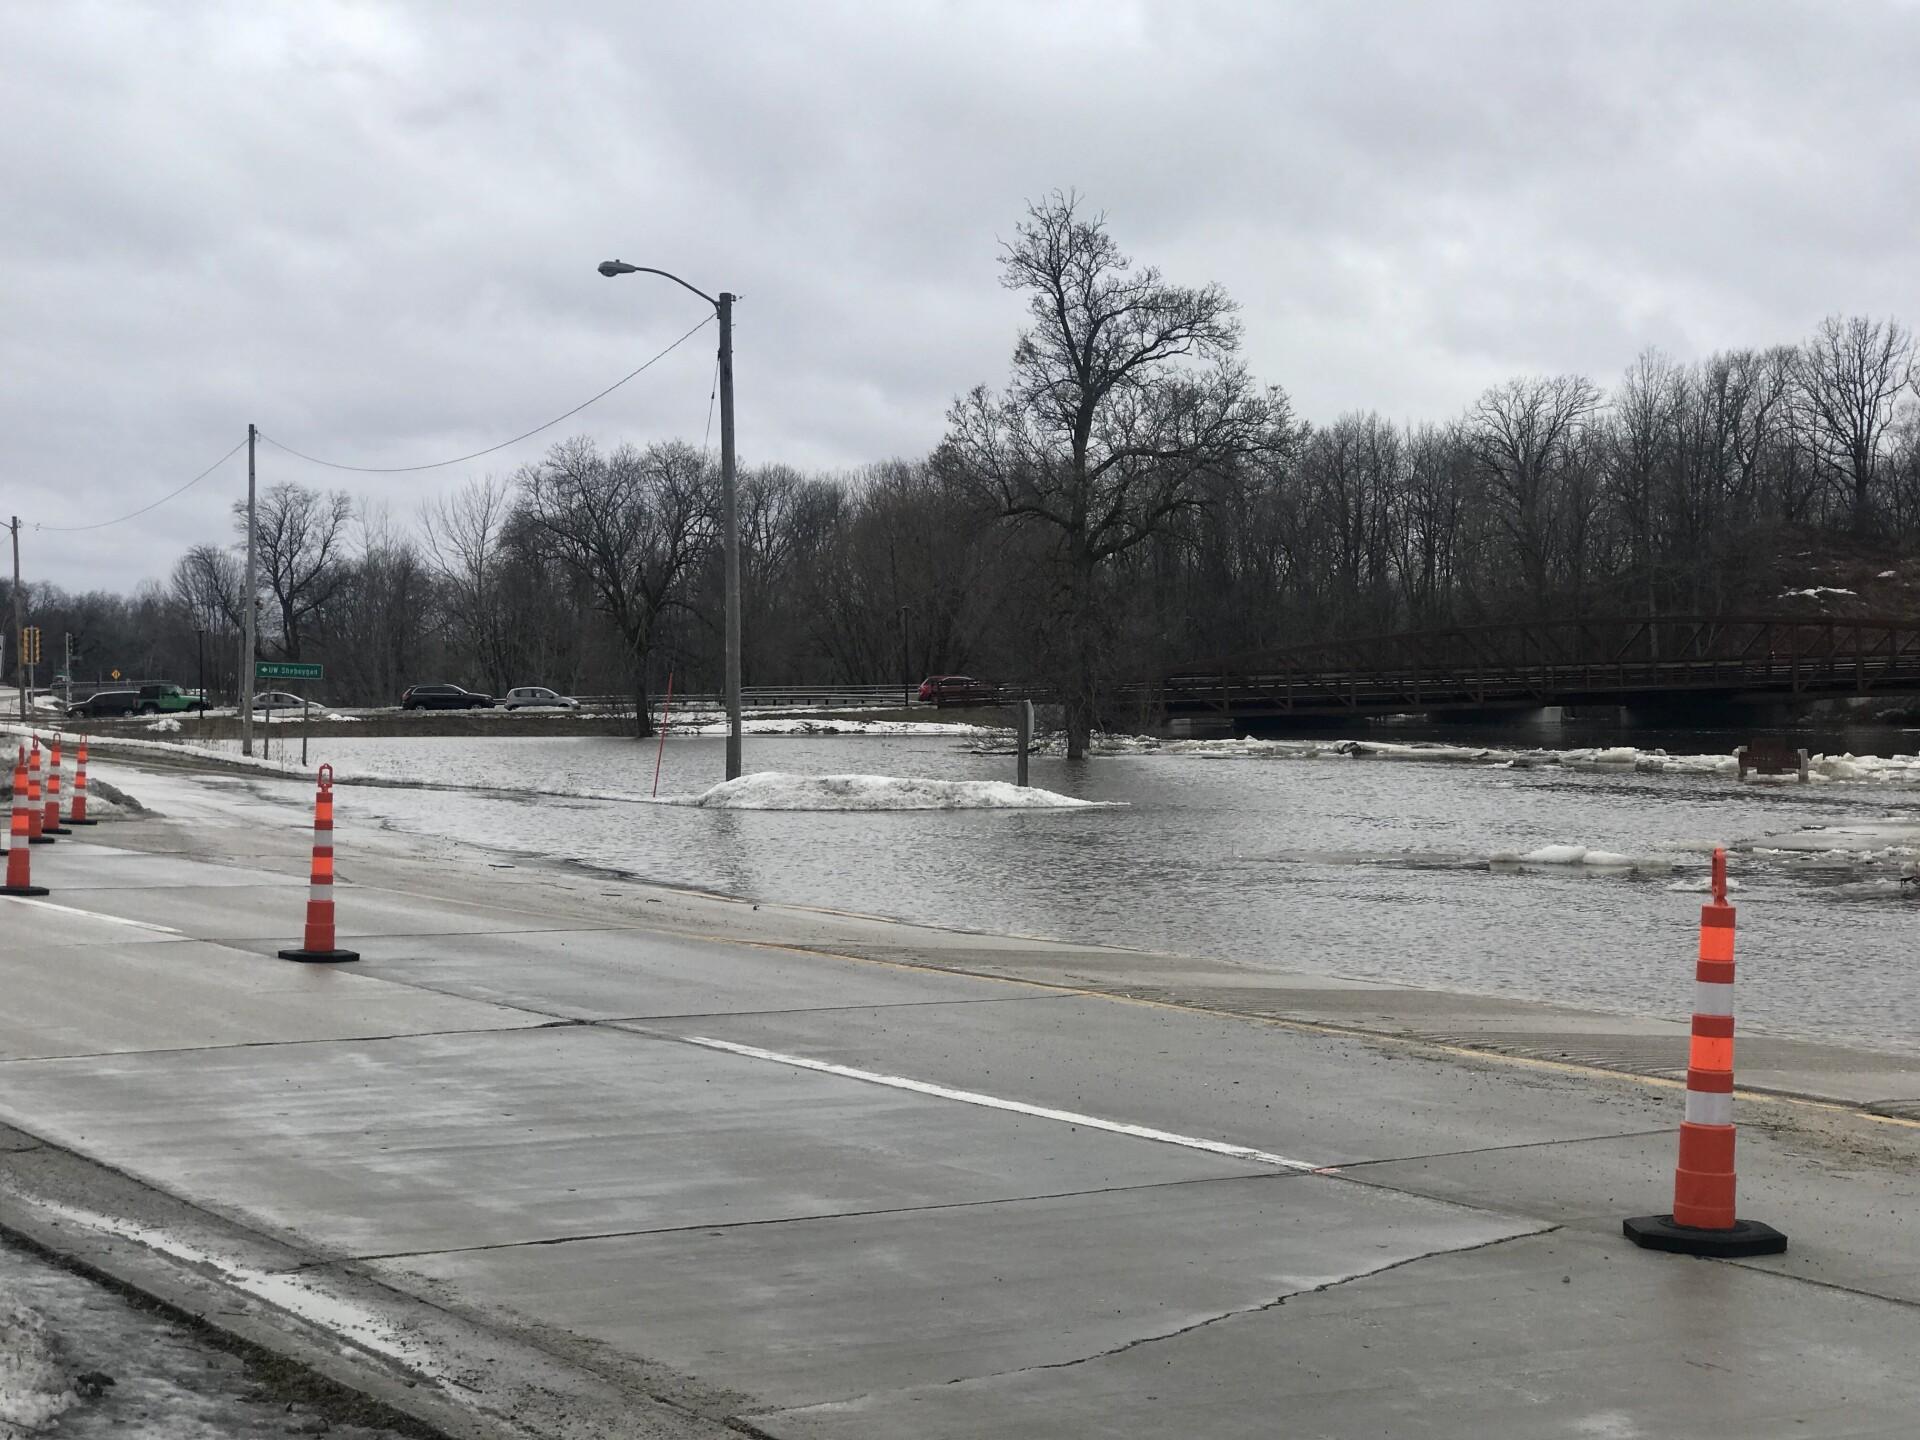 More flooding in Sheboygan